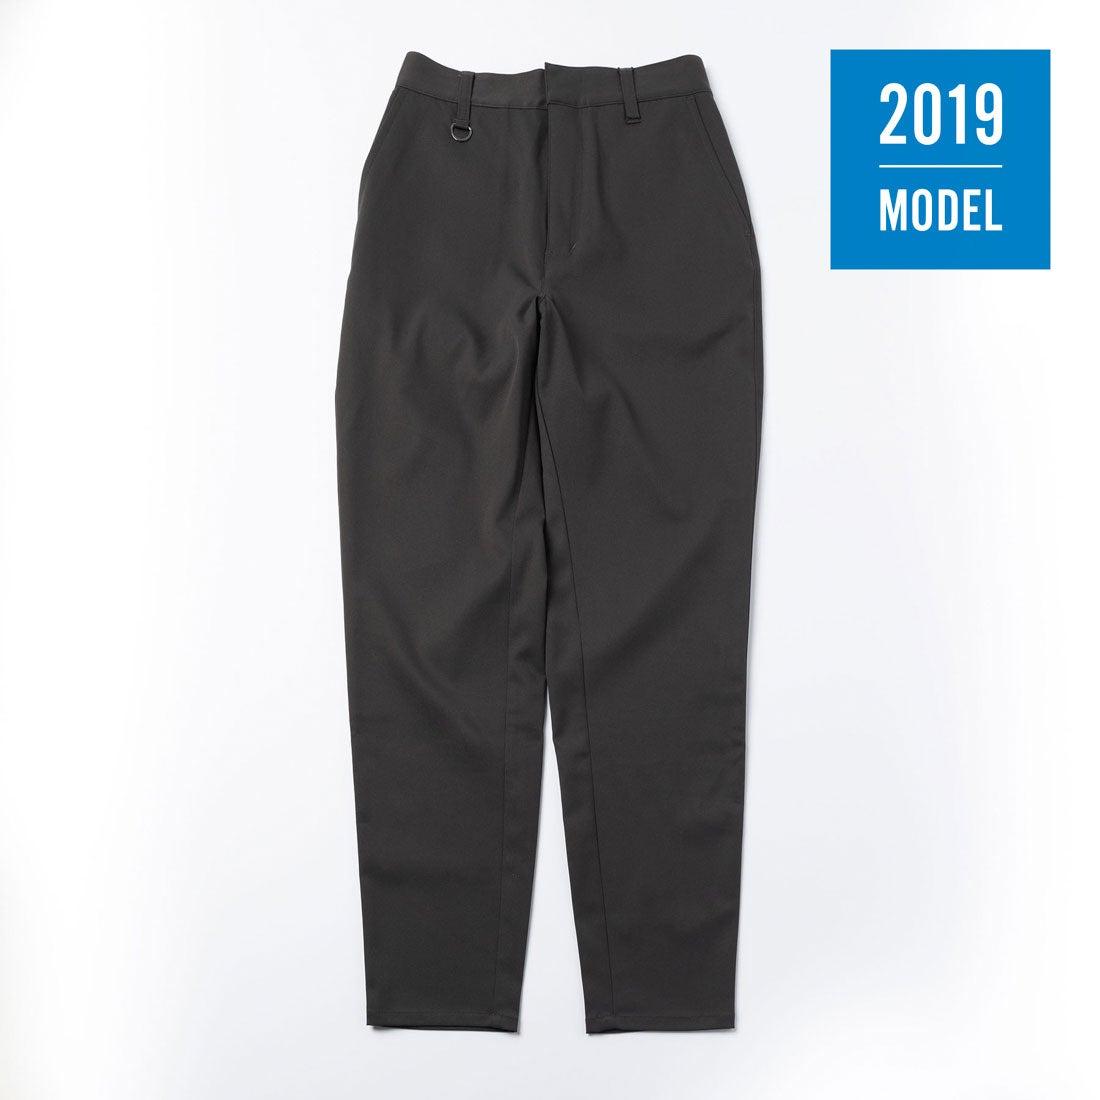 【2019年モデル】レディース ストレートパンツ(スチールグレー)【返品不可商品】